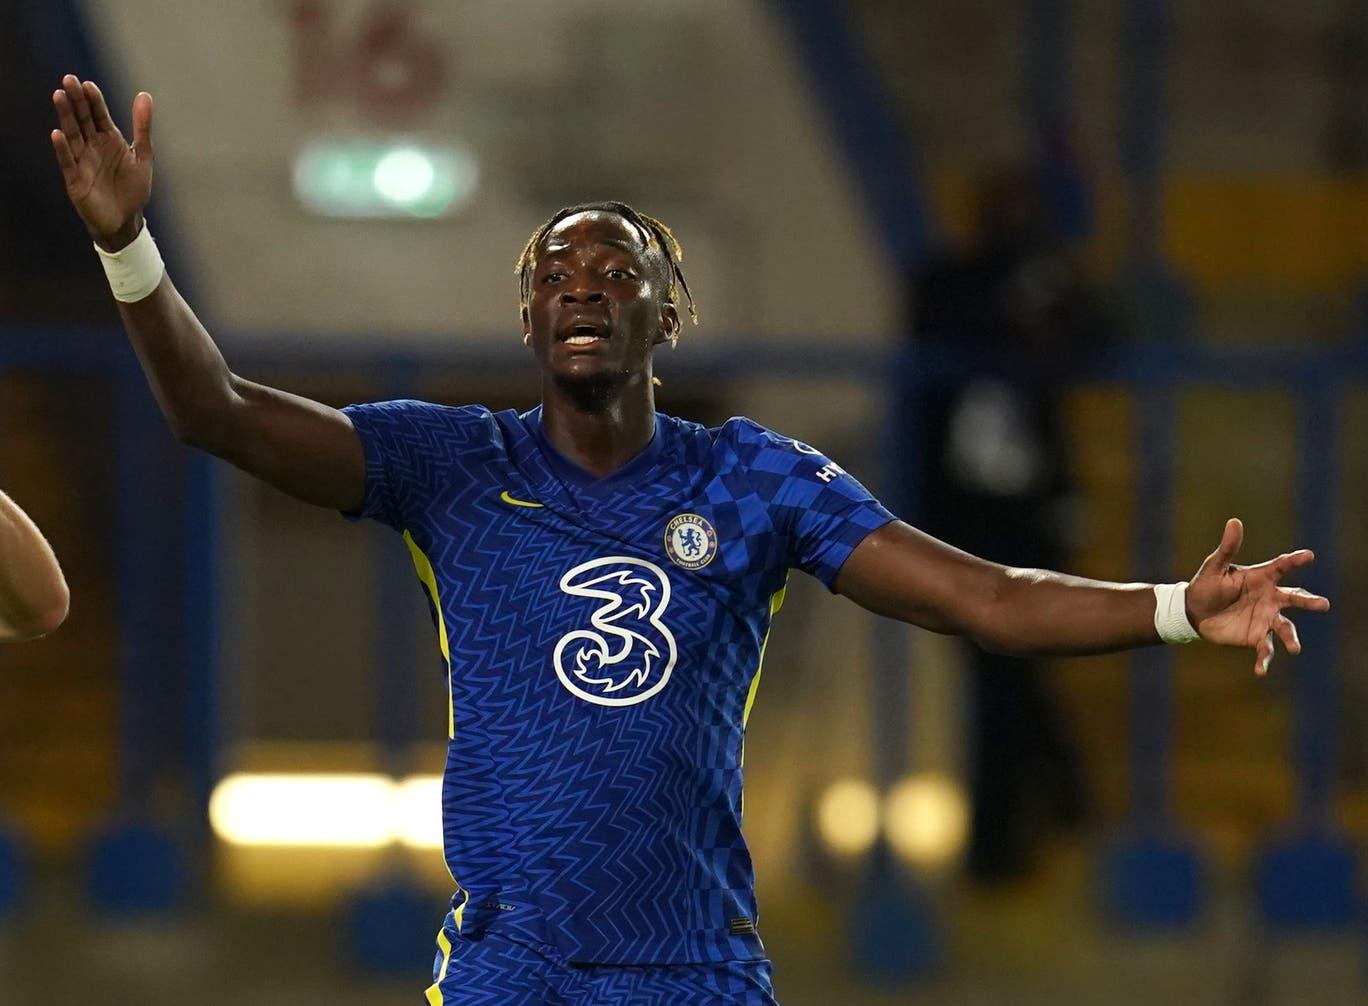 Chelsea chỉ muốn bán Abraham ra nước ngoài để giải phóng đội hình và có thêm ngân quỹ tậu Lukaku. Ảnh: PA Wire